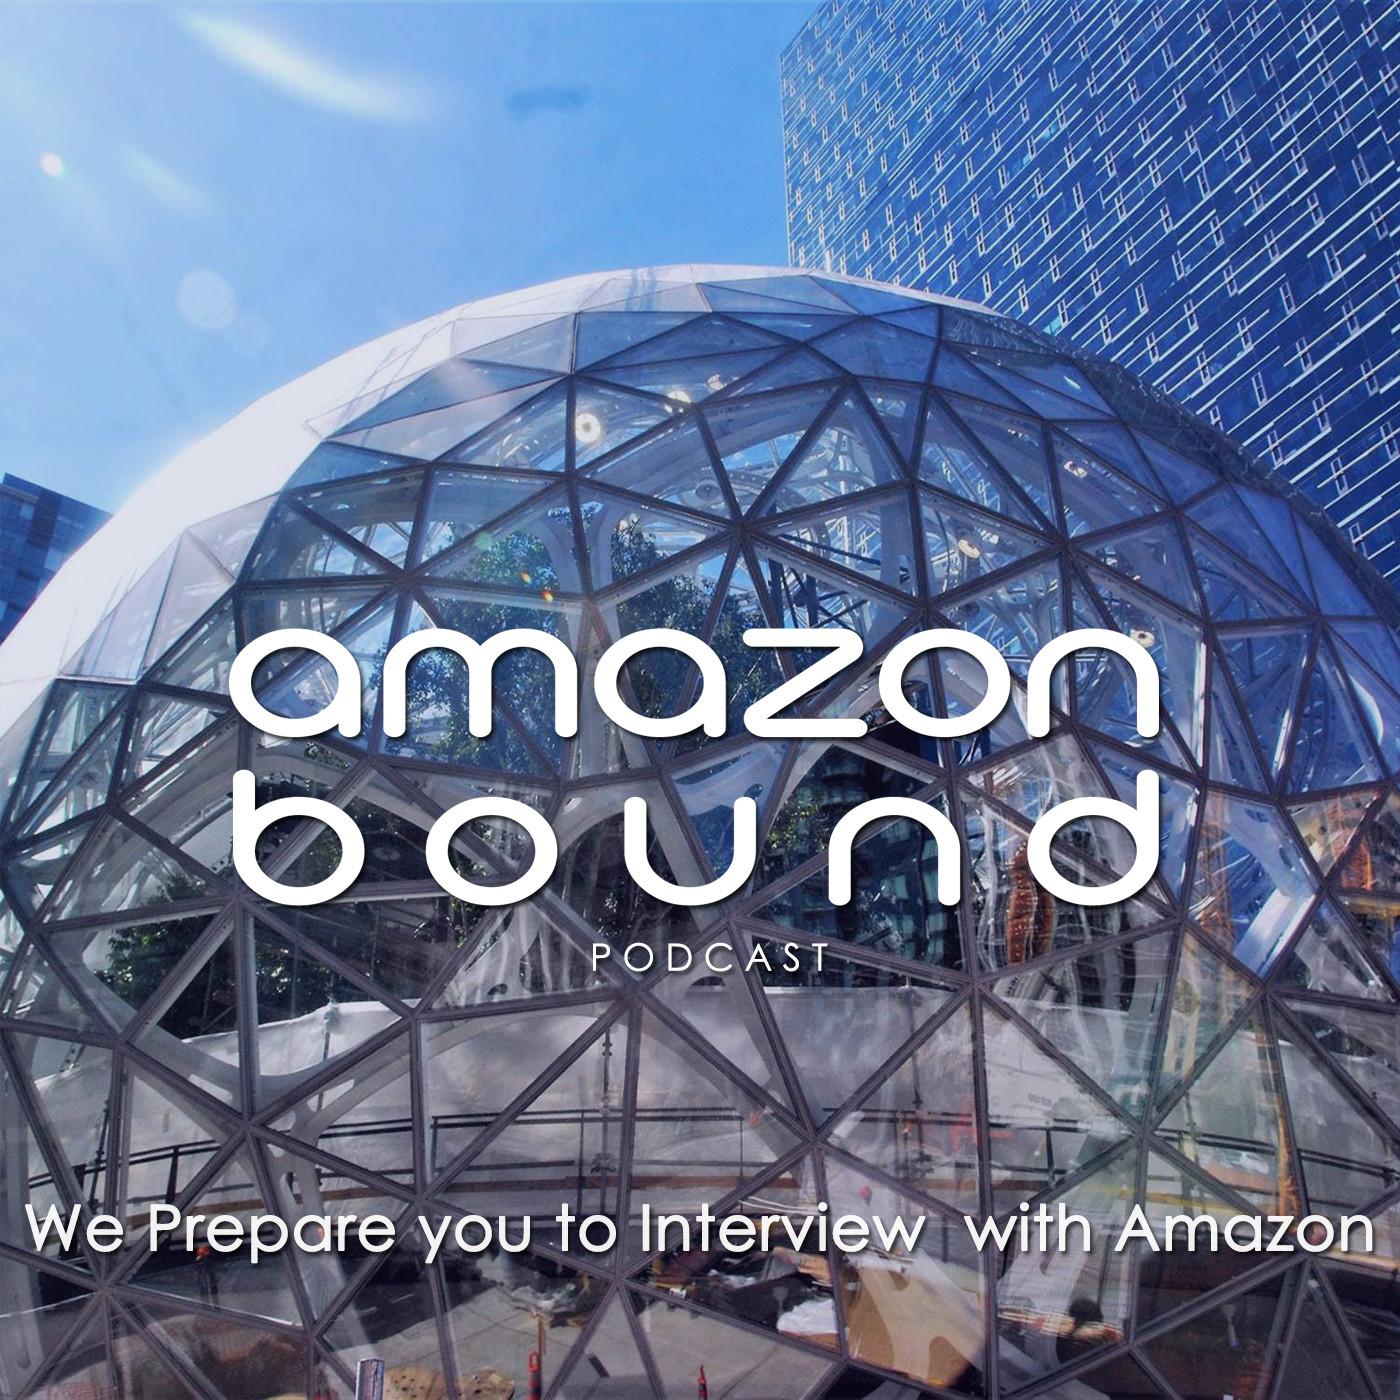 The Amazon Bound Podcast